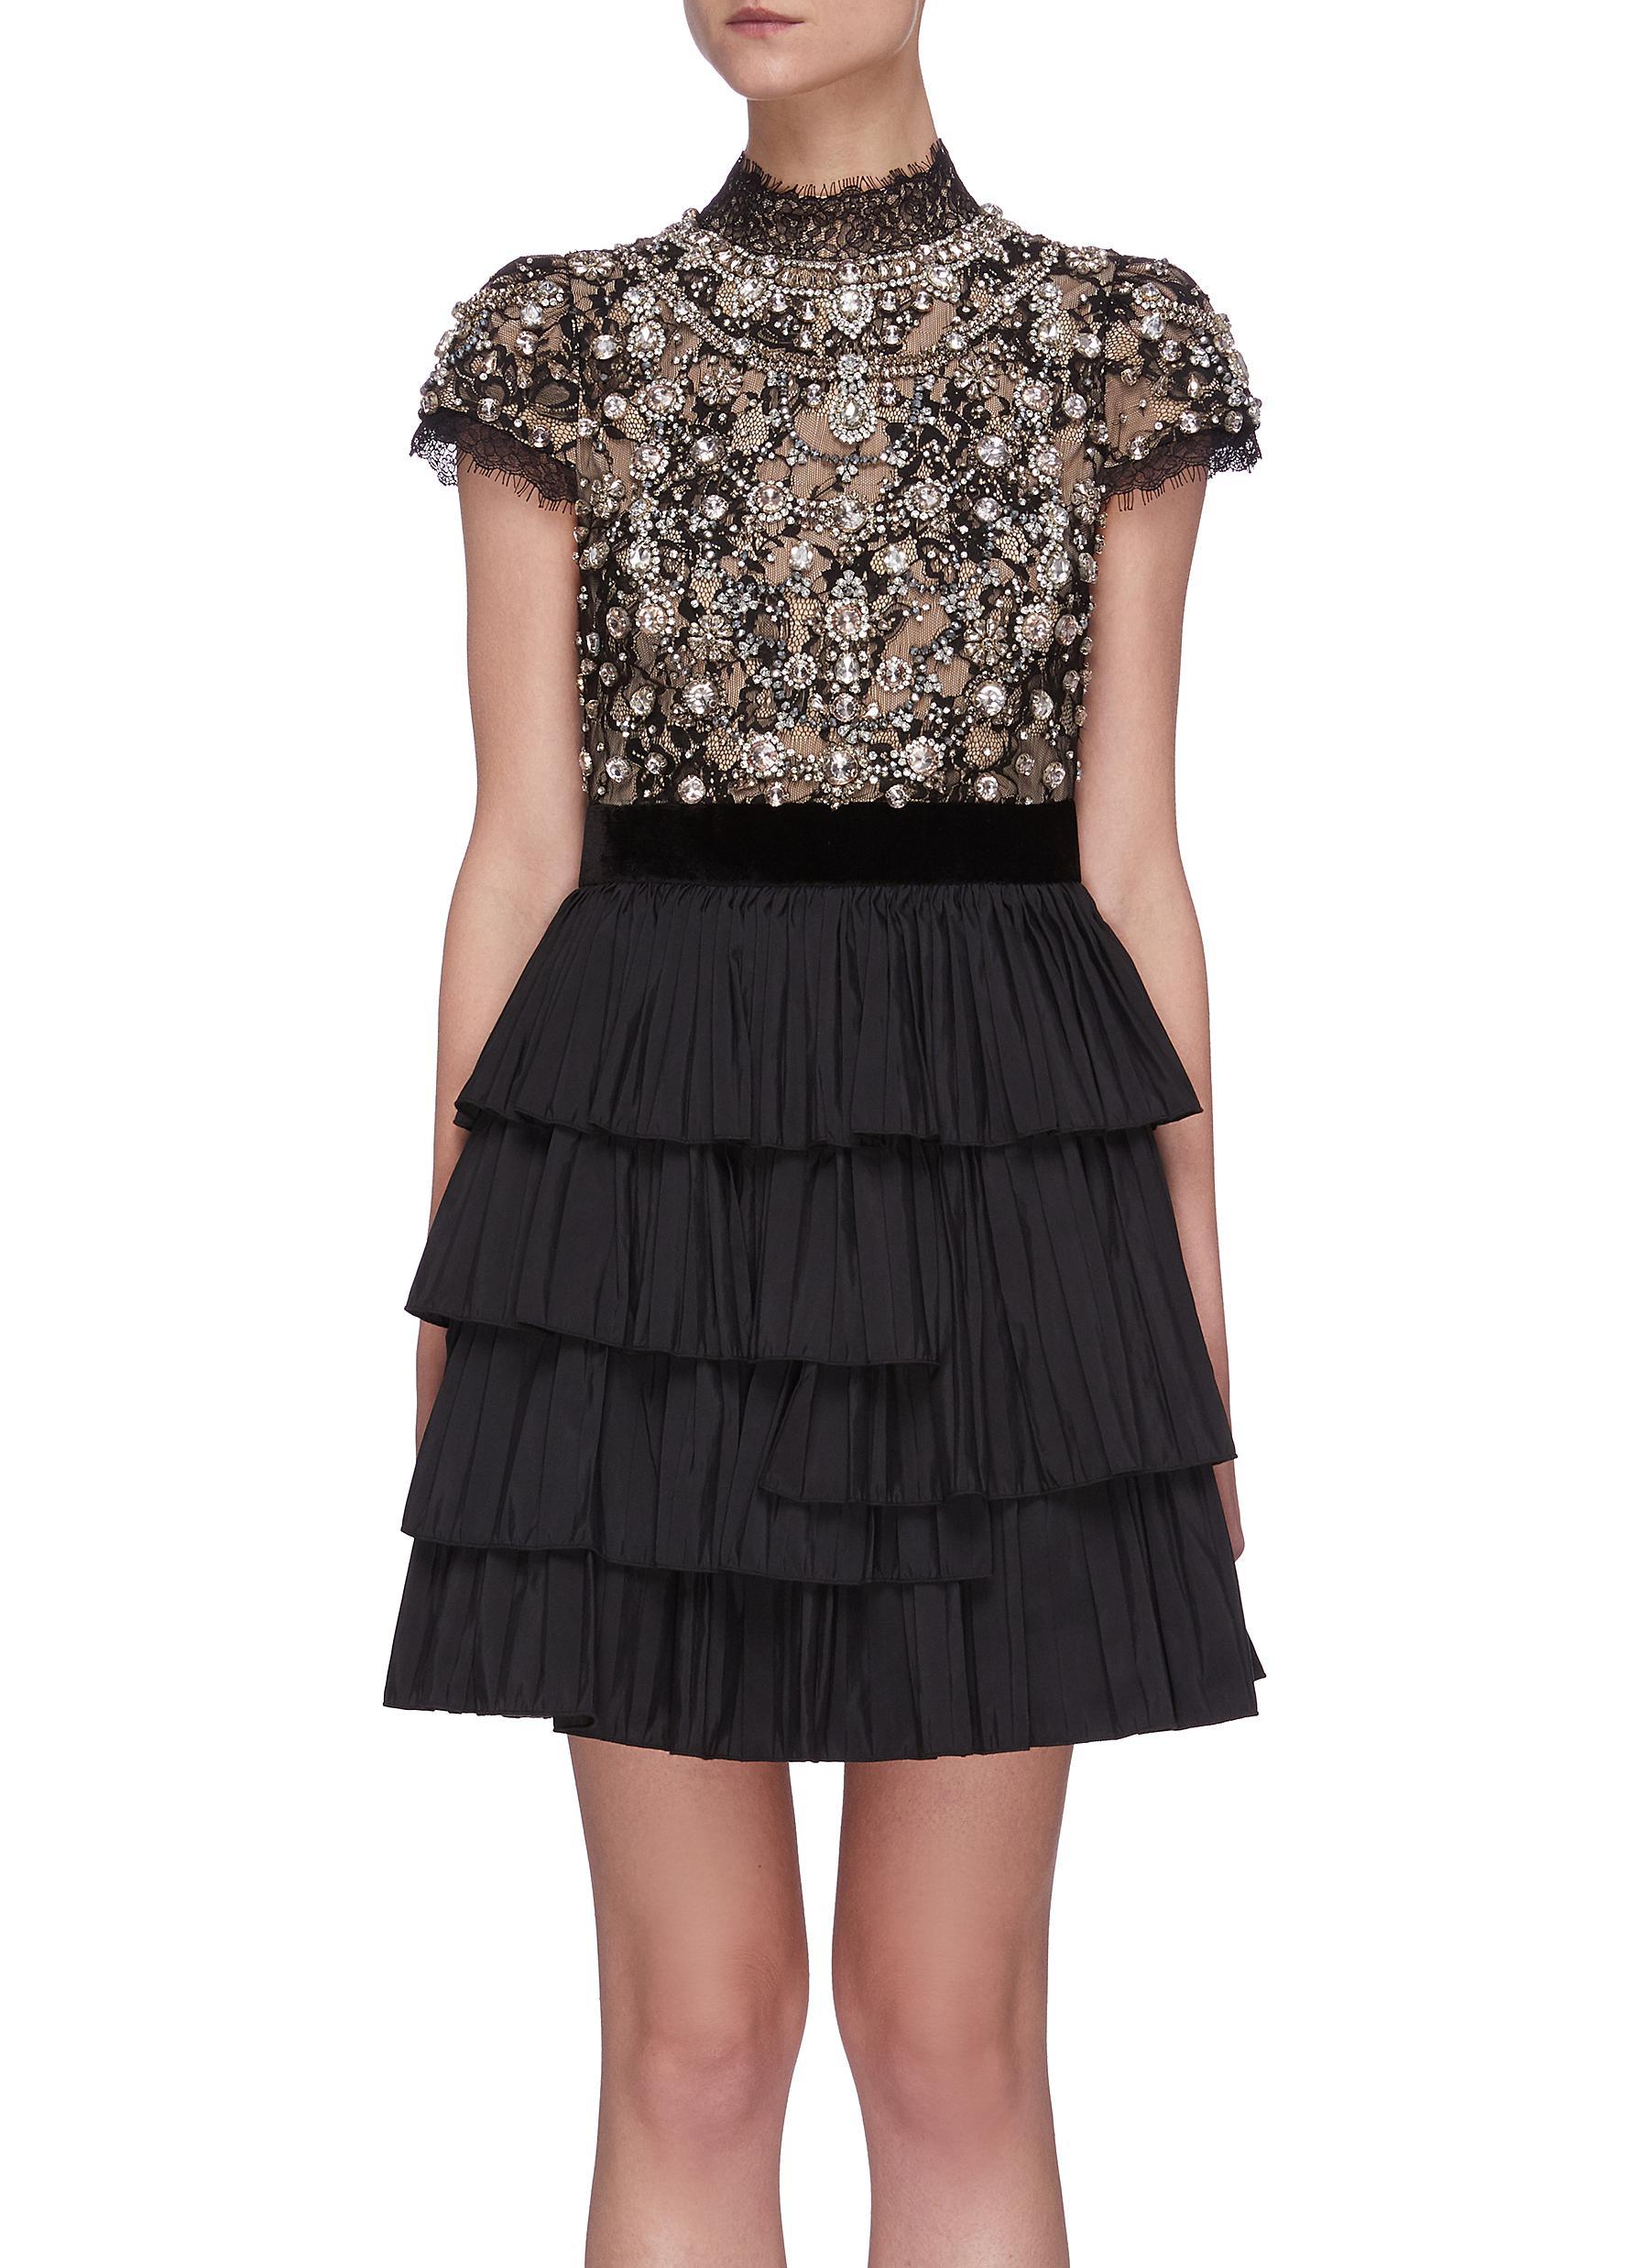 Buy Alice + Olivia Dresses 'Dorian' Crystal Embellished Tier Dress